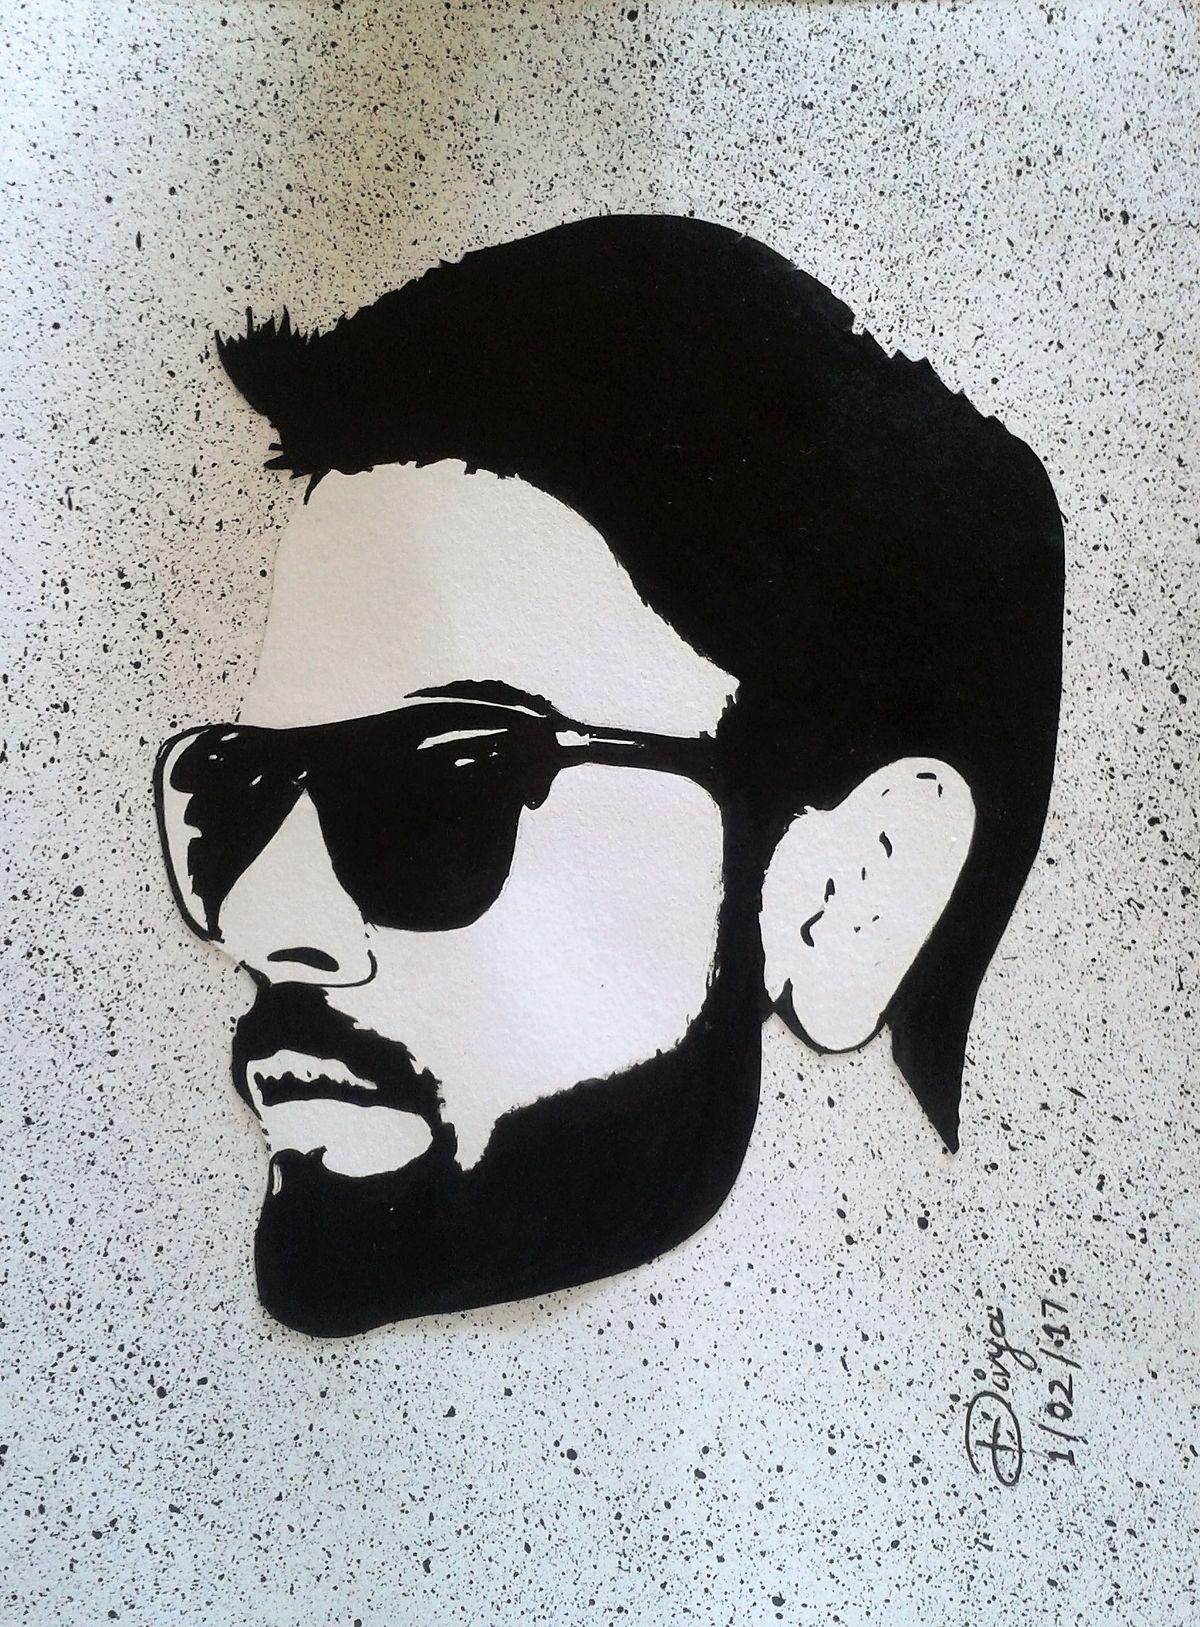 Virat Kohli Stencil Art Virat Kohli Sketch Cricket